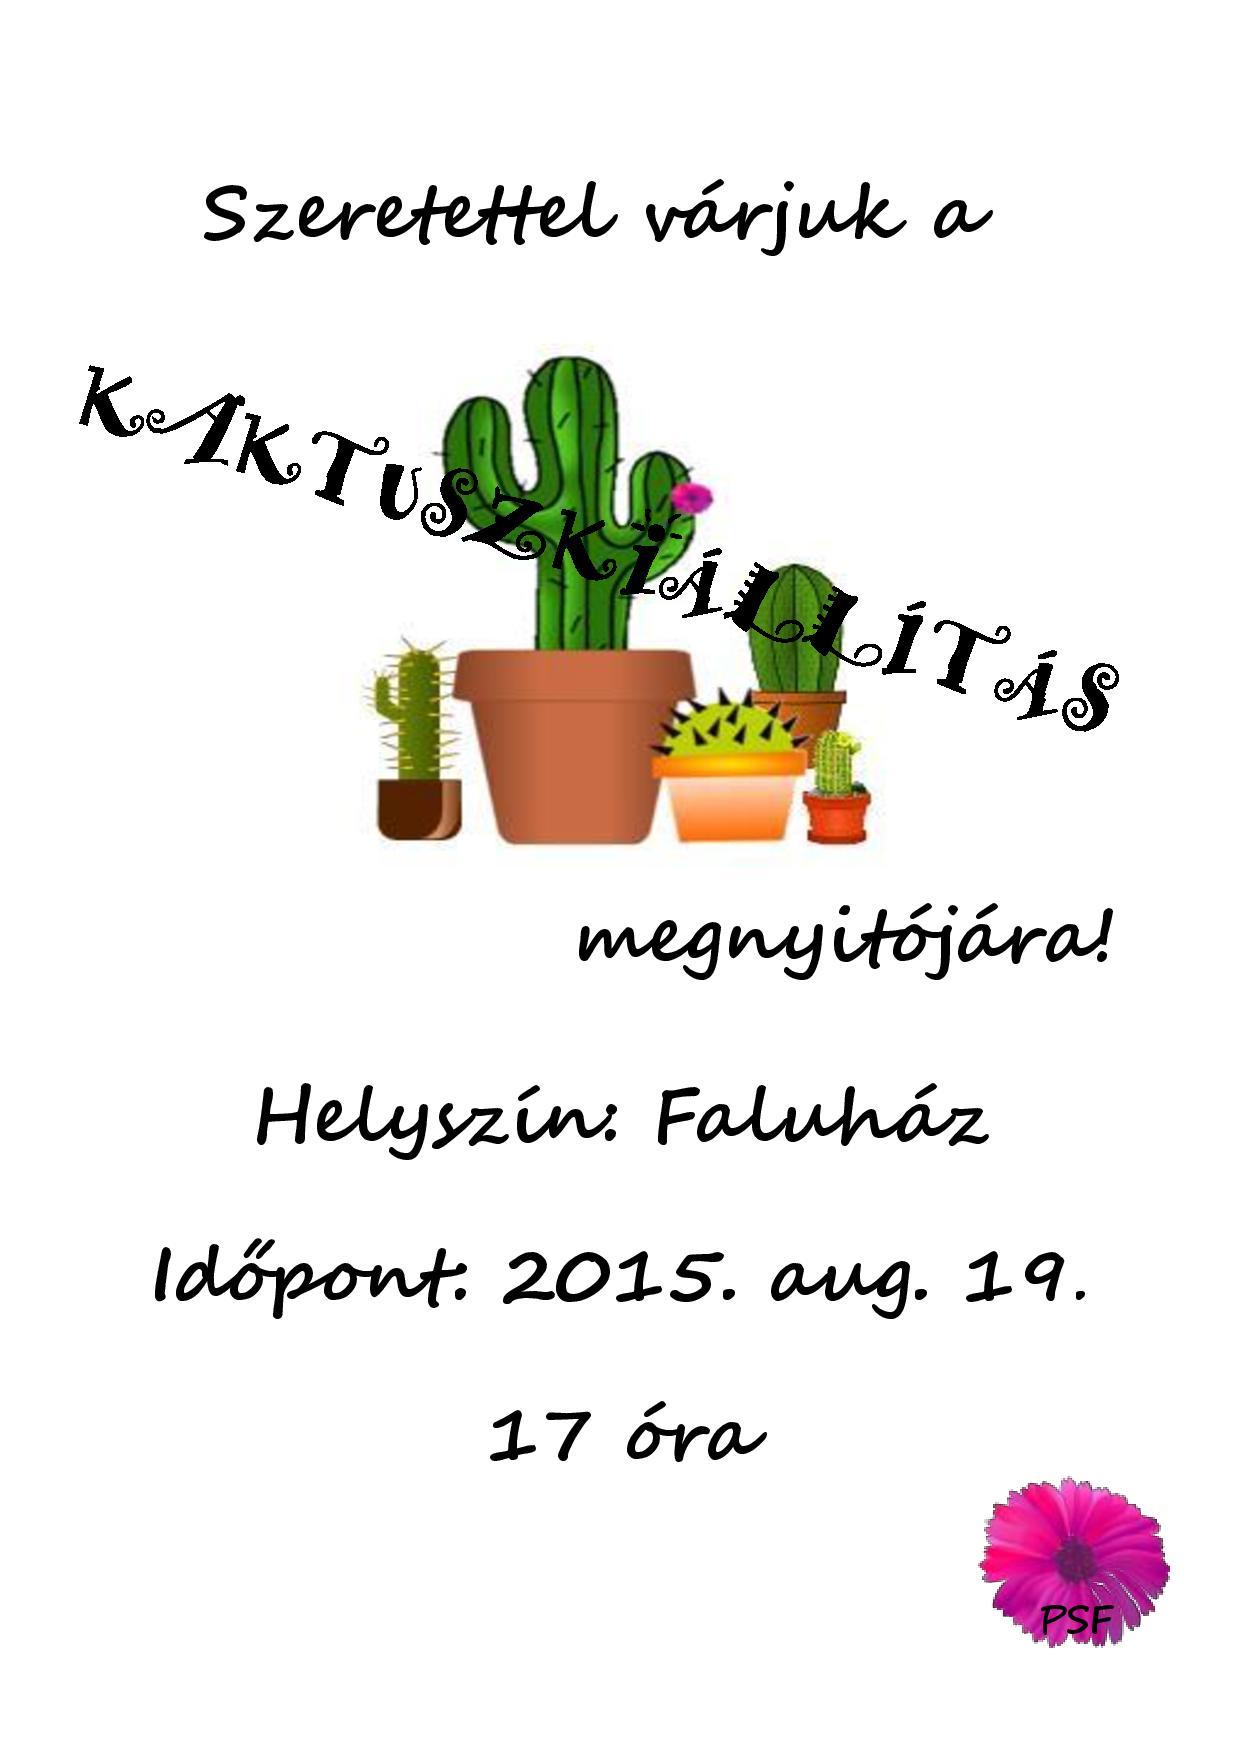 Kaktuszkiállítás-meghívó